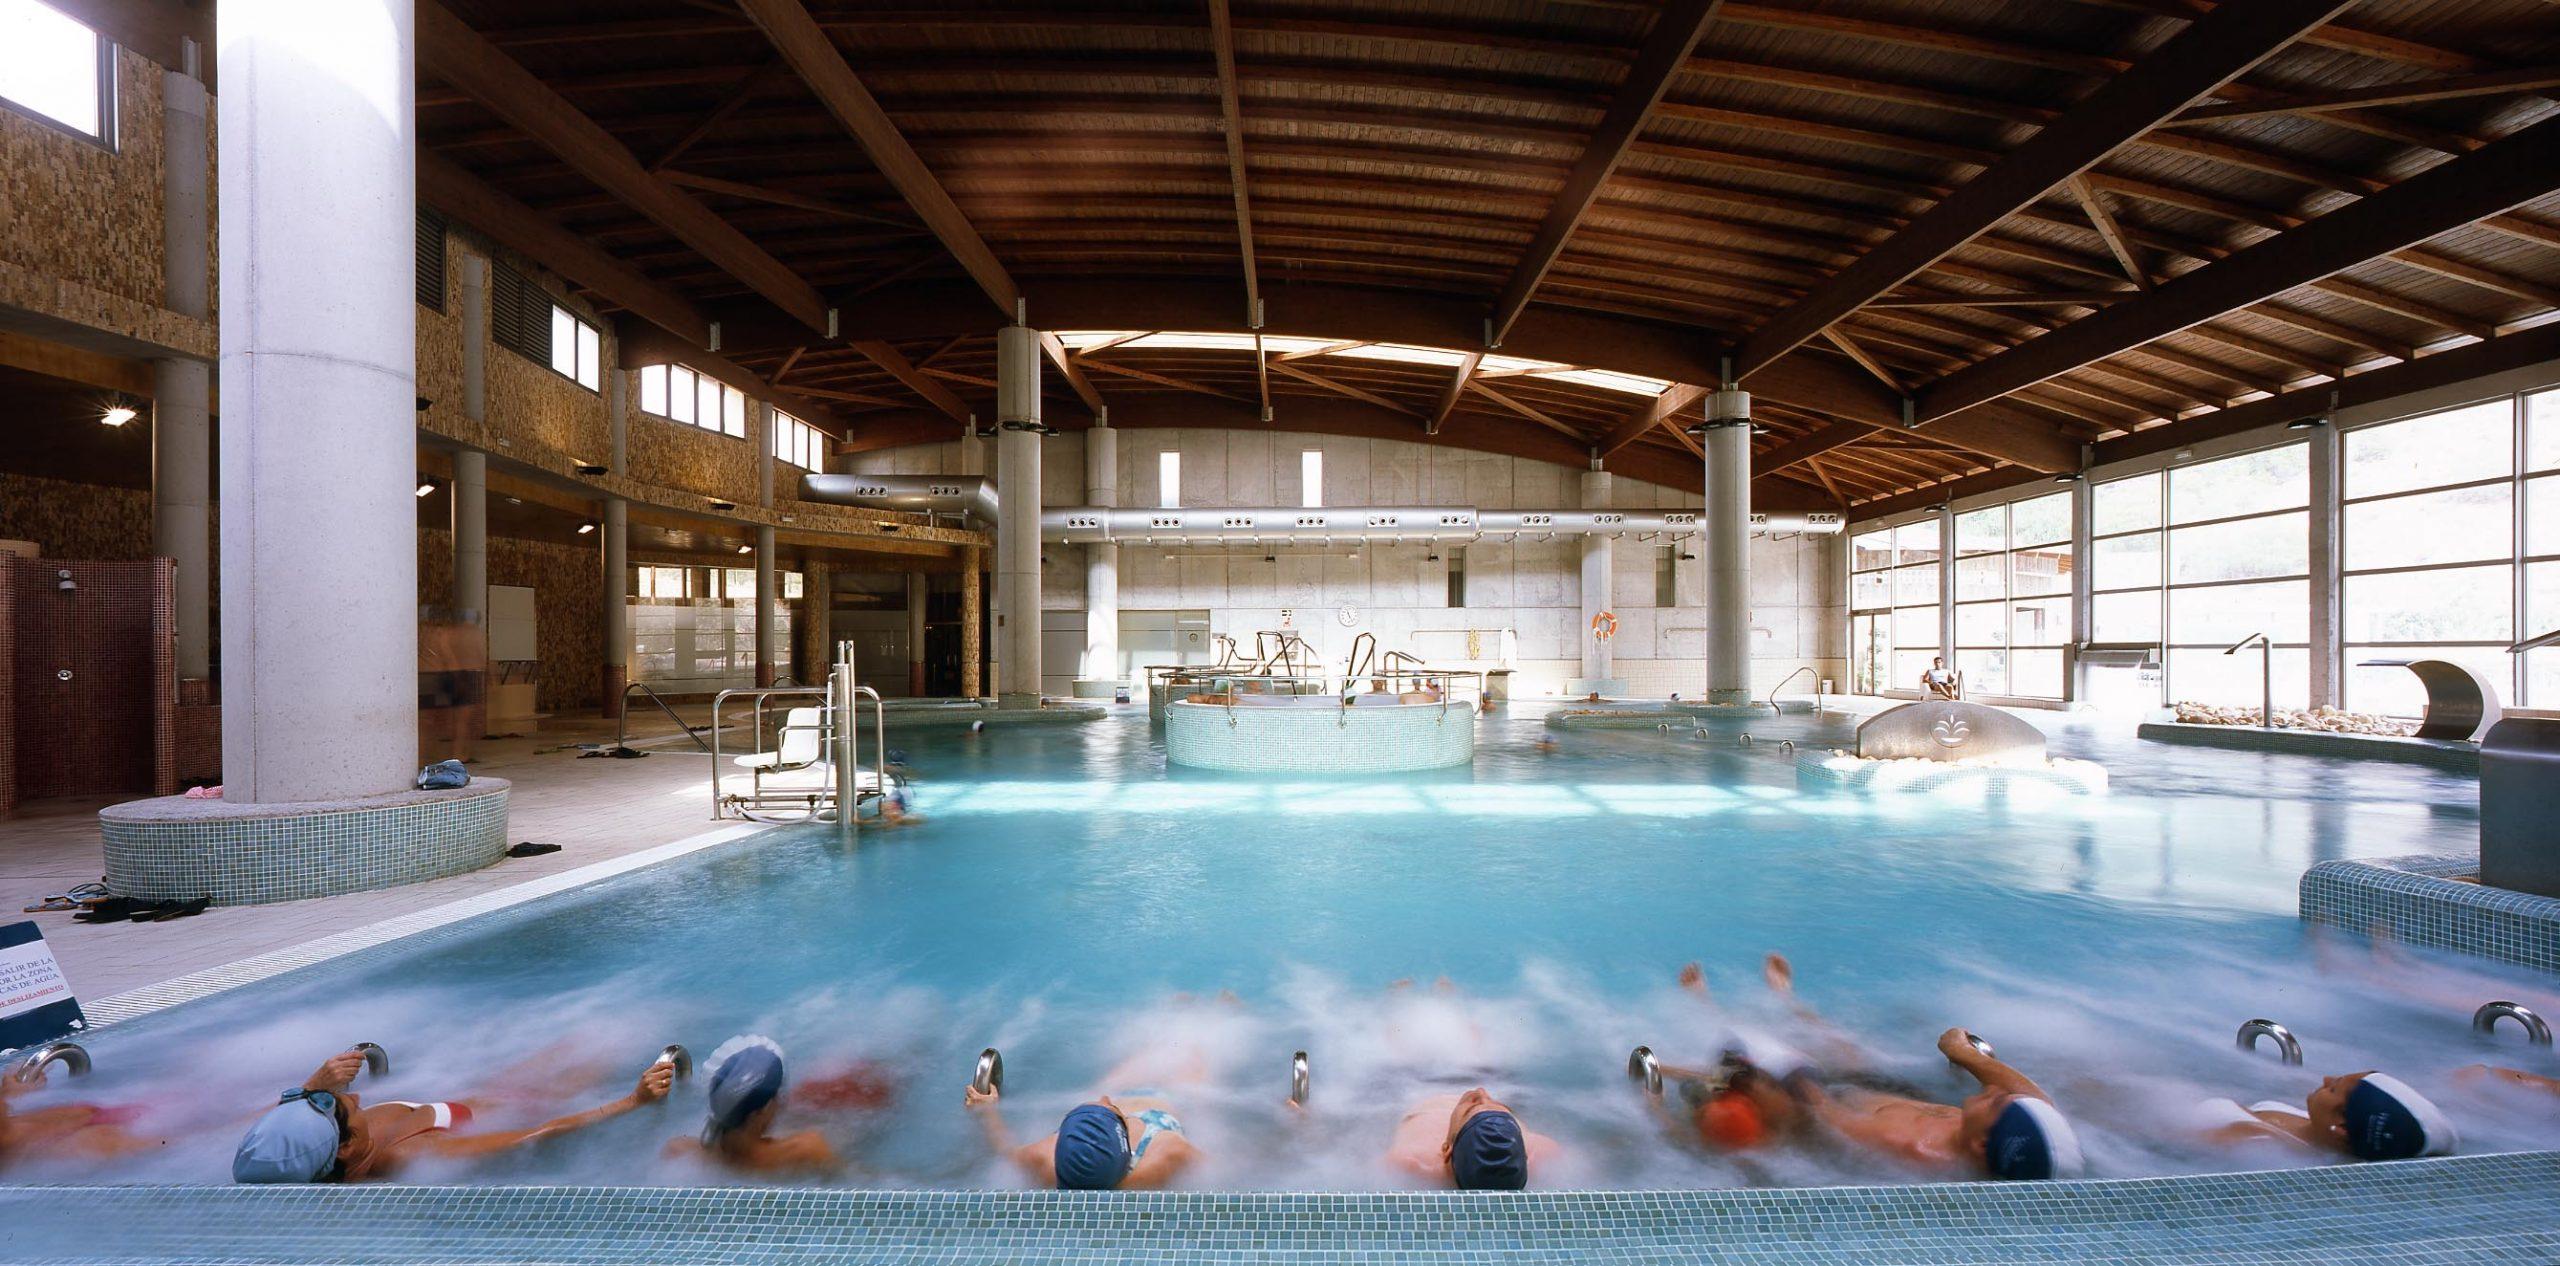 Archena-piscina07